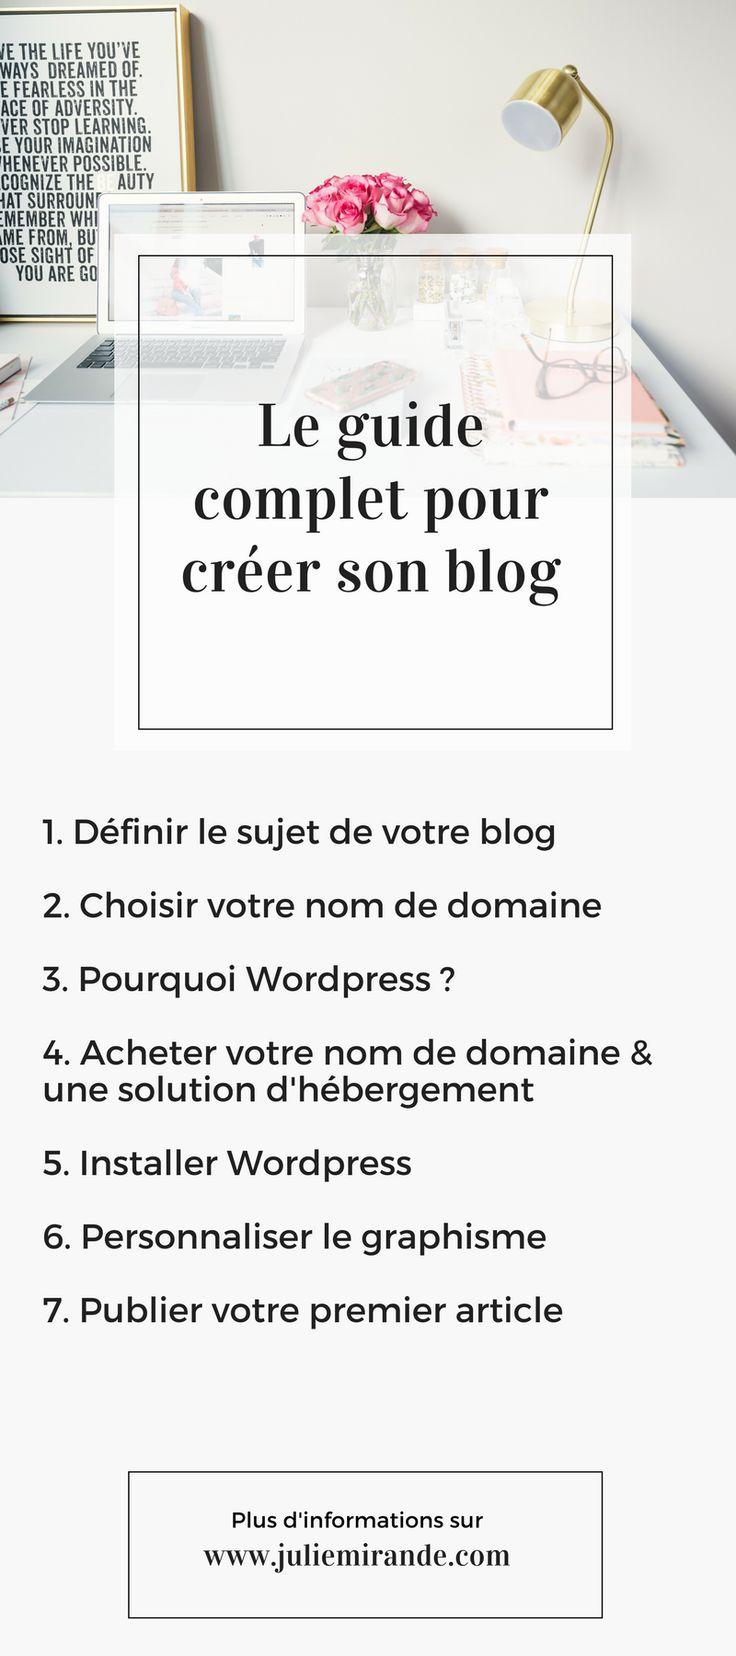 Le guide complet pour apprendre à créer son blog avec Wordpress et son propre nom de domaine #blogging #blog #blogueur #wordpress